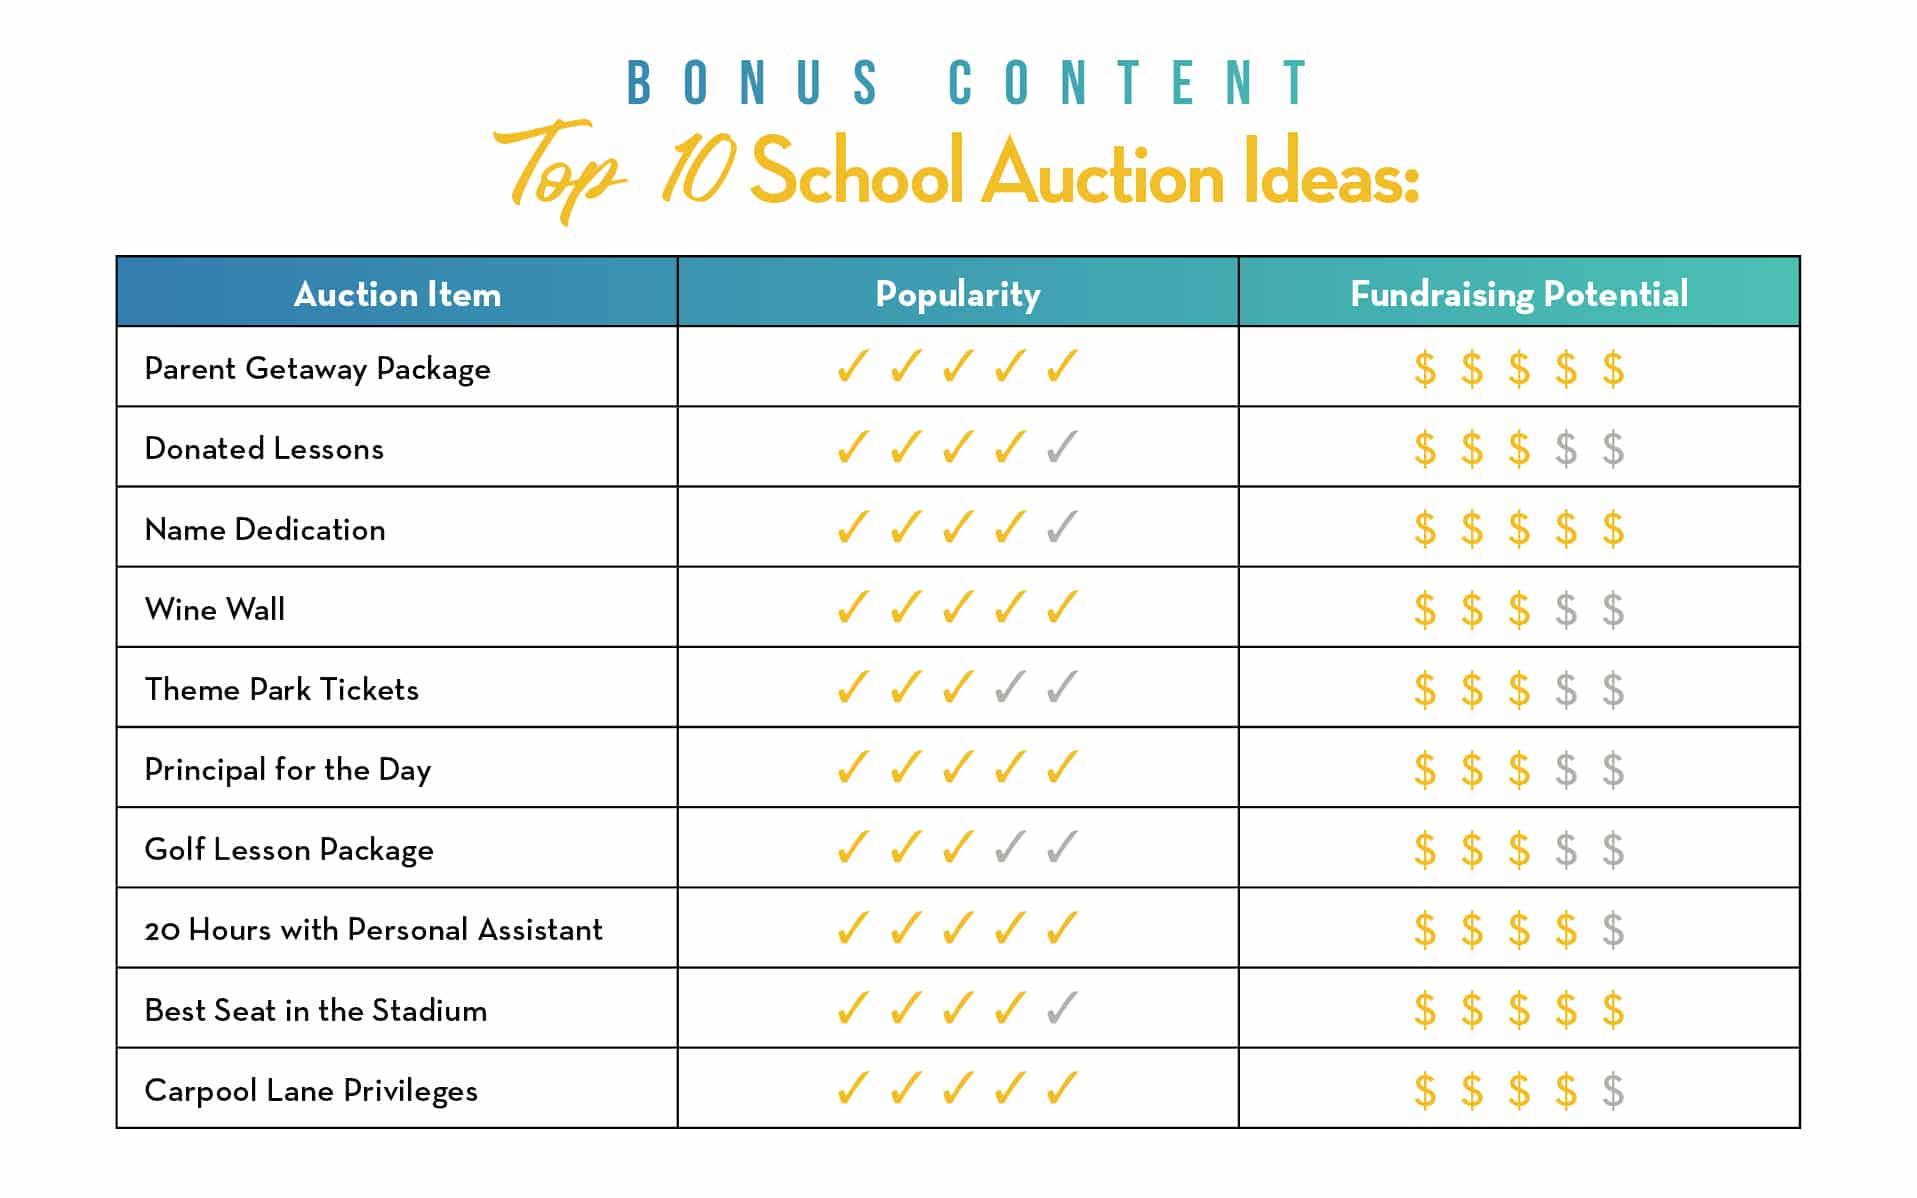 BONUS CONTENT: Top 10 School Auction Ideas